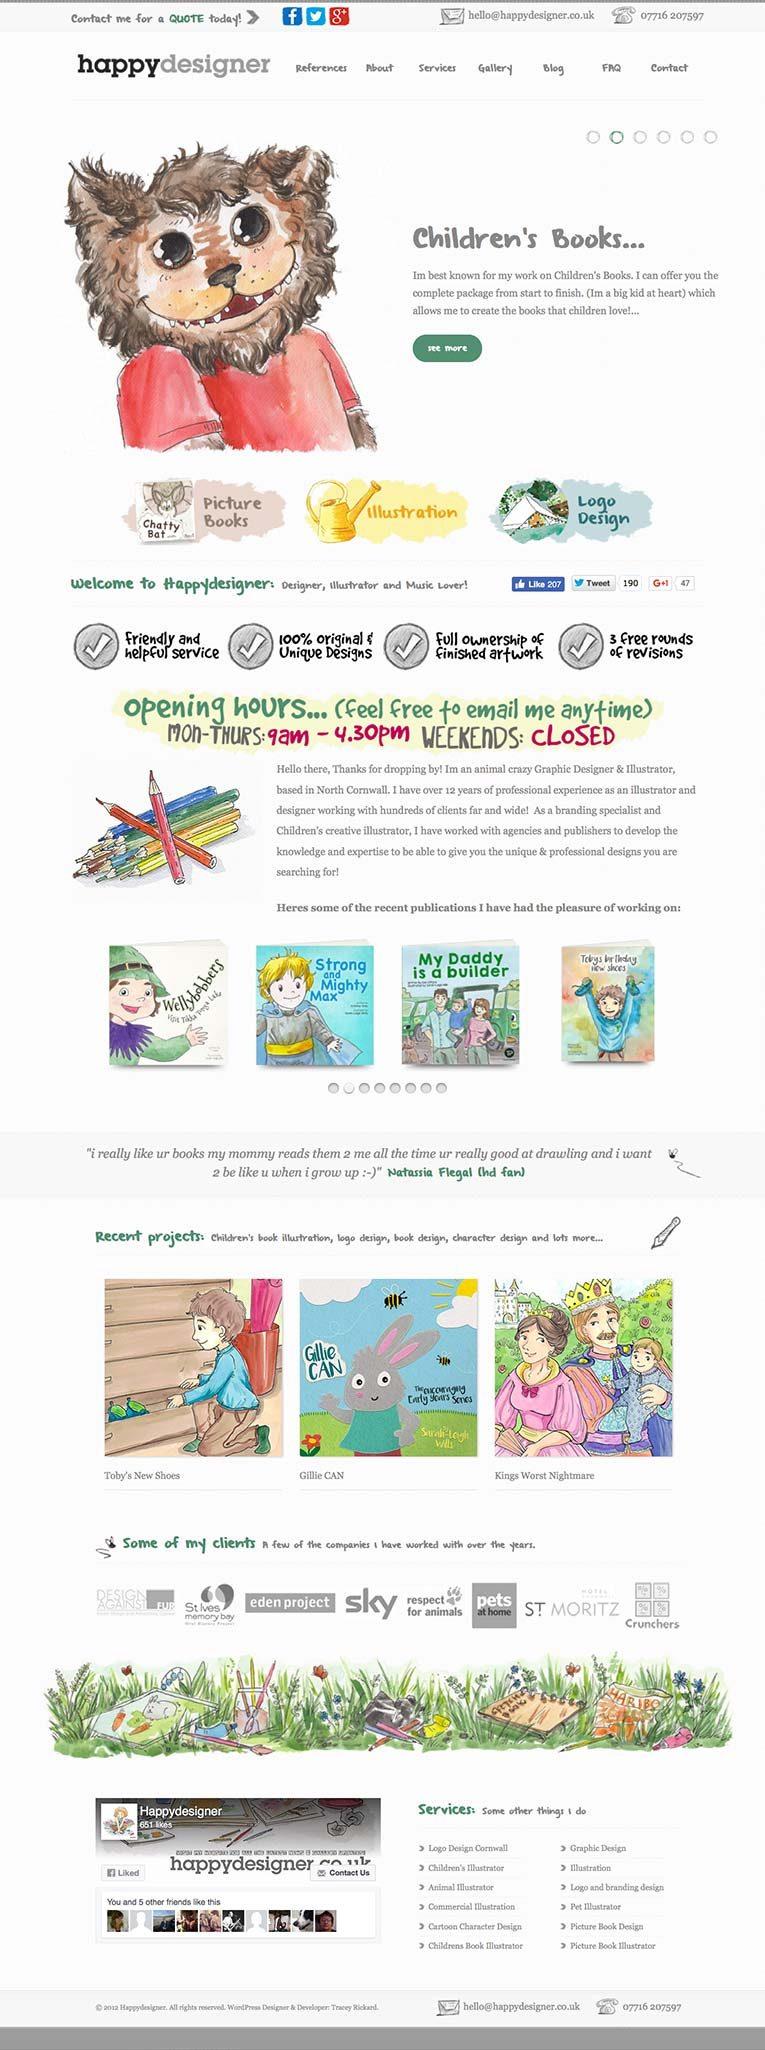 Happy Designer home page desktop version